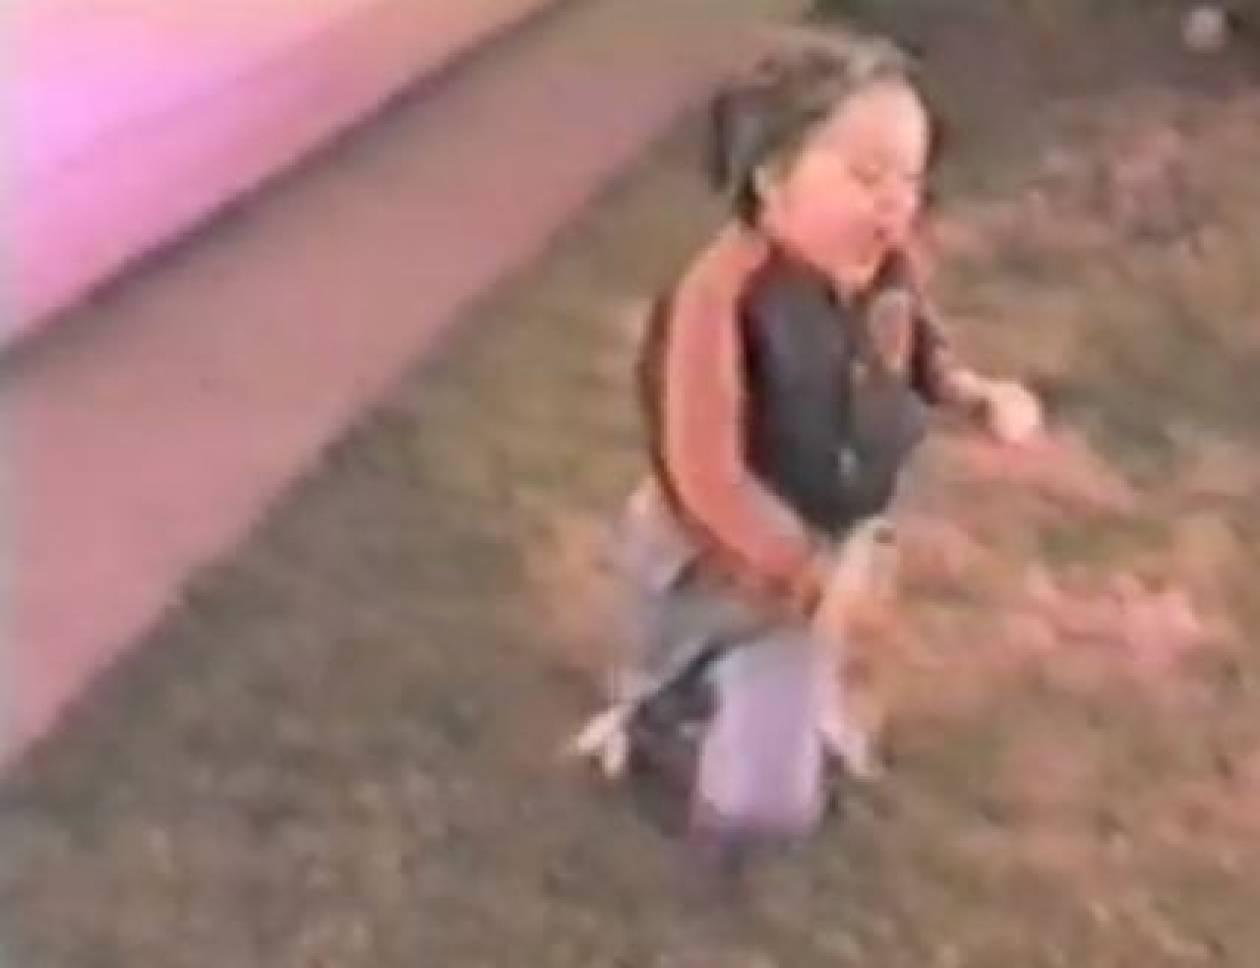 Βίντεο: Σκύλος βάζει τρικλοποδιά  σε αγόρι